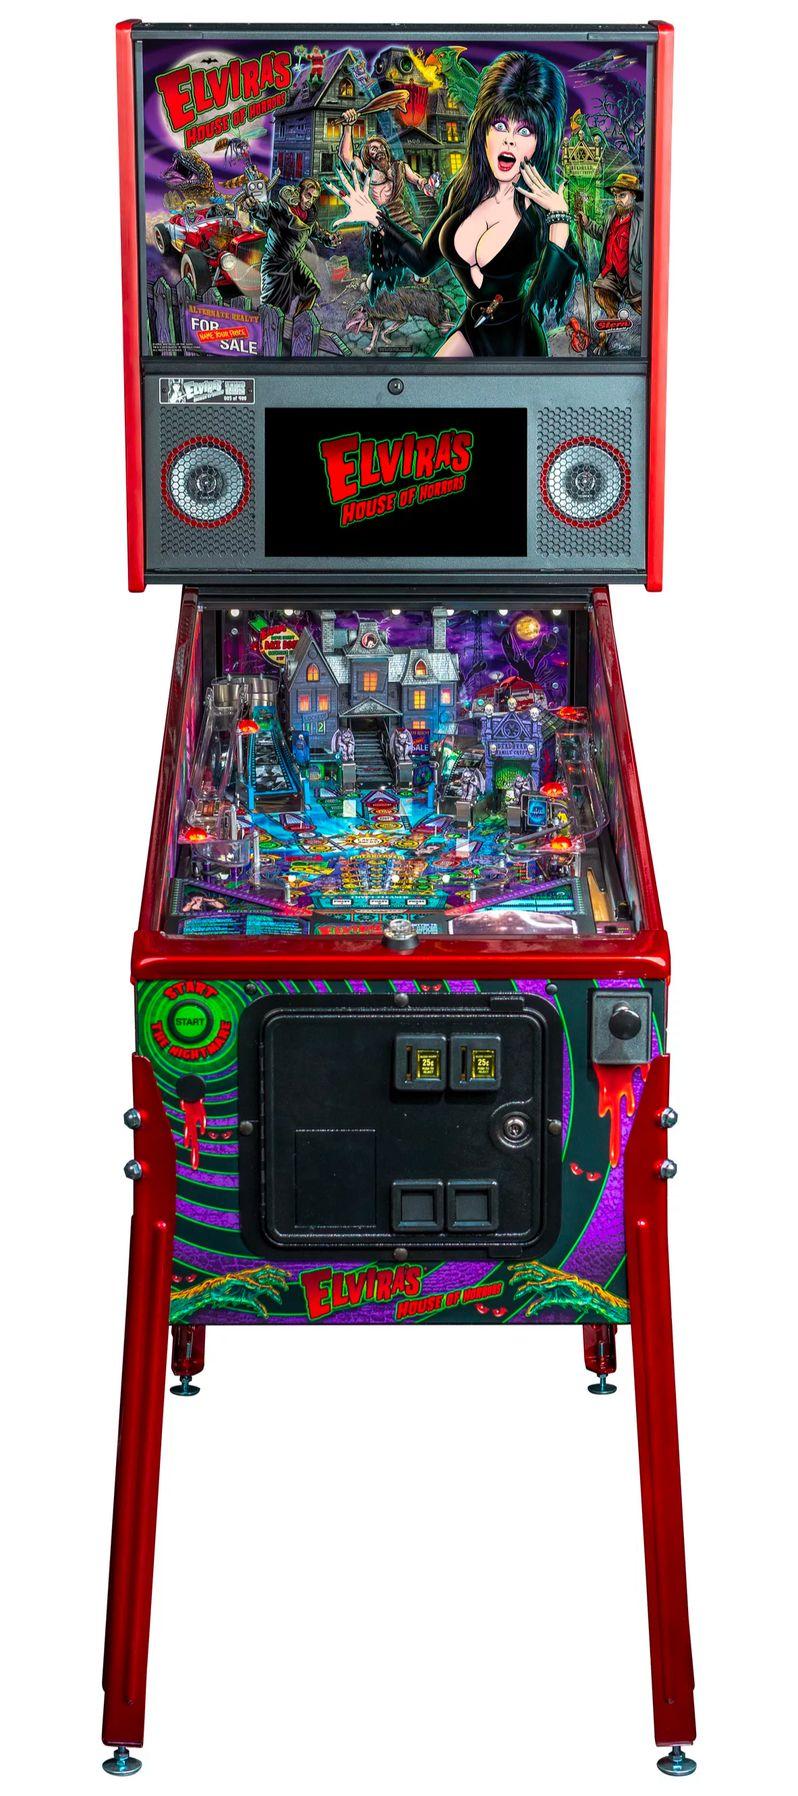 Elvira's House of Horrors Pinball machine by Stern #15